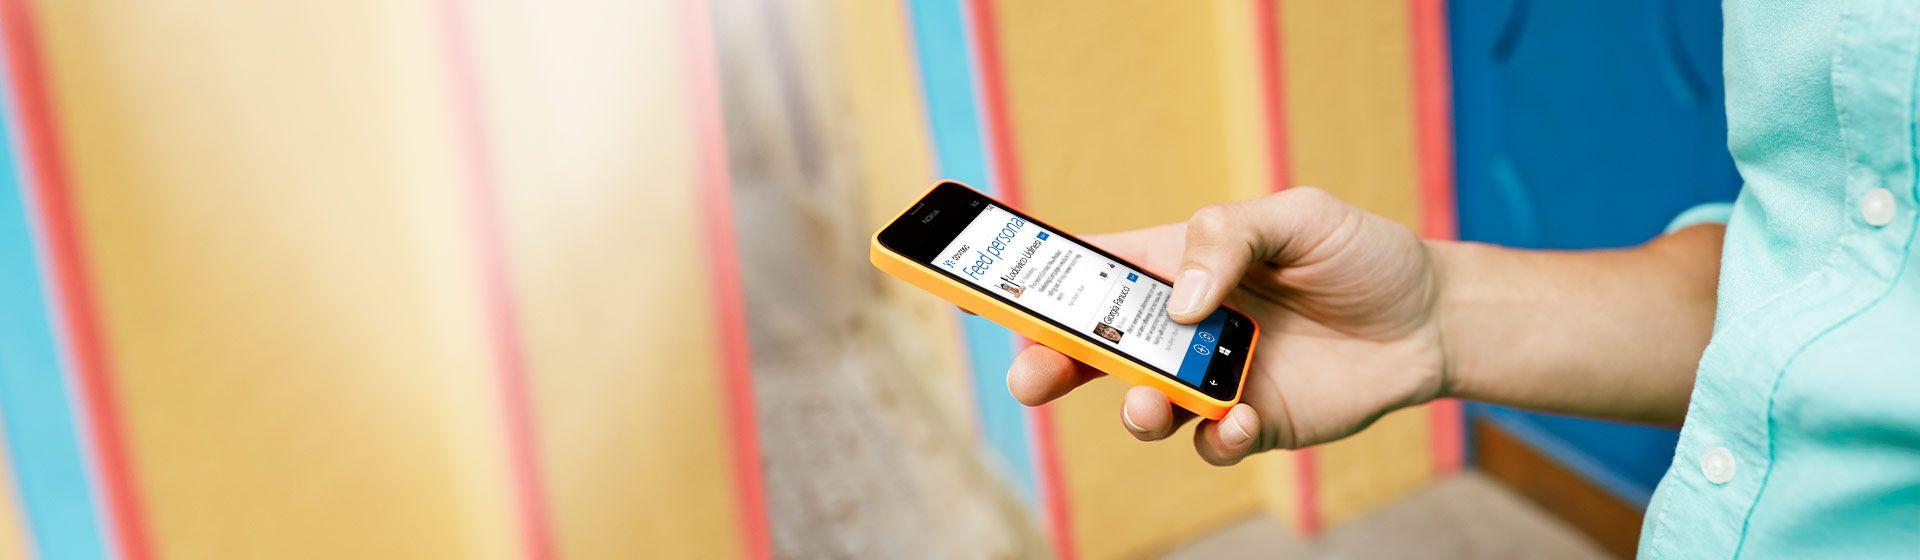 Immagine di una mano che regge un Windows Phone in cui è visualizzato il feed nell'app Yammer per dispositivi mobili